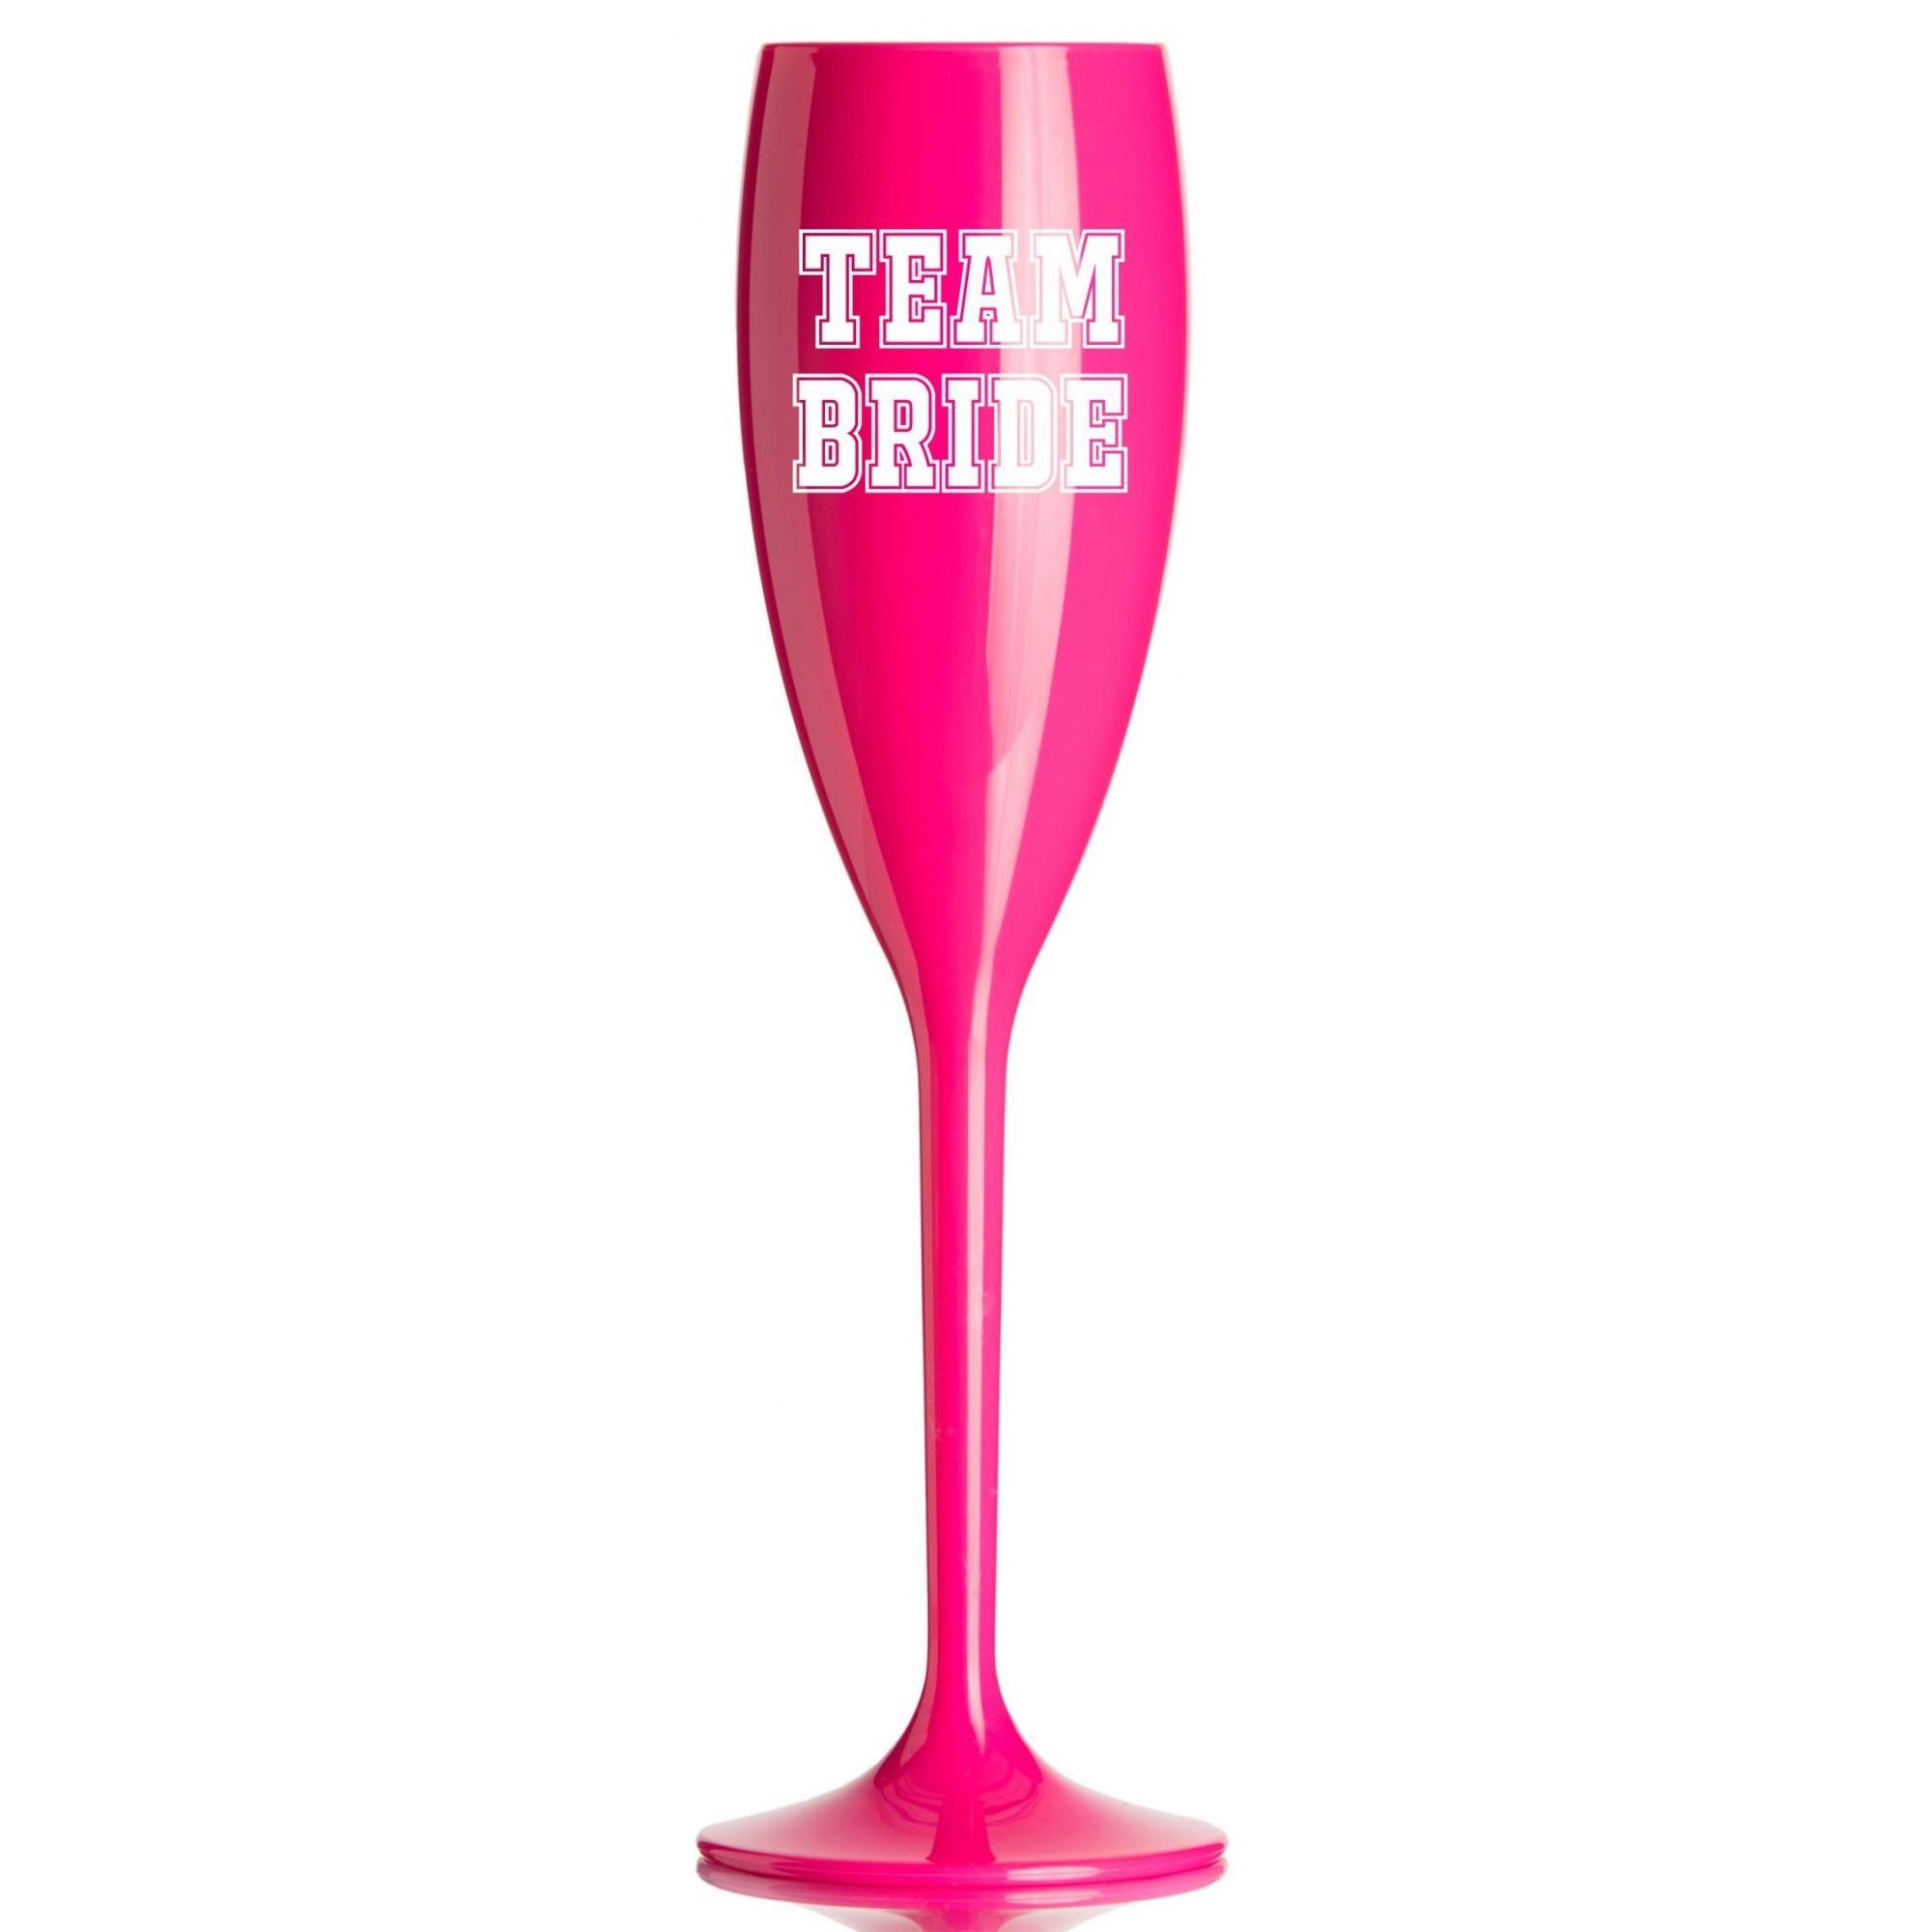 Taça Acrílica para Champanhe Despedida de Solteira 160ml Pink e Branca